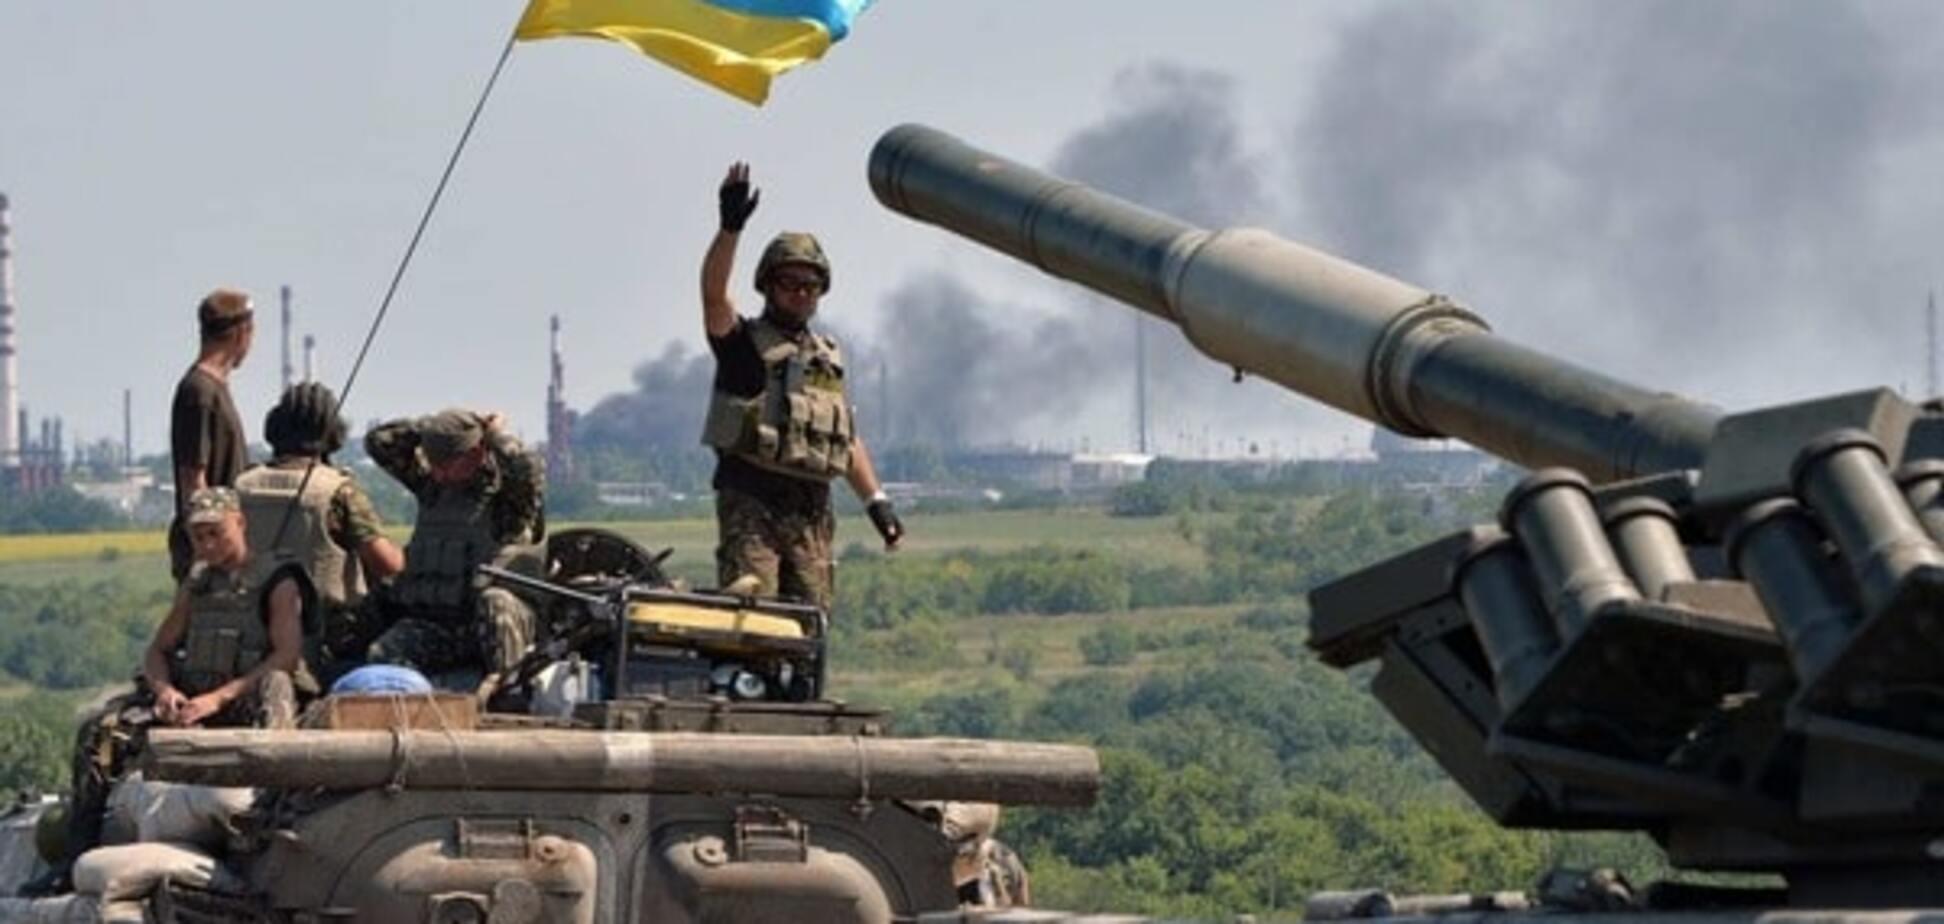 Конгрес США може переглянути позицію по наданню зброї Україні